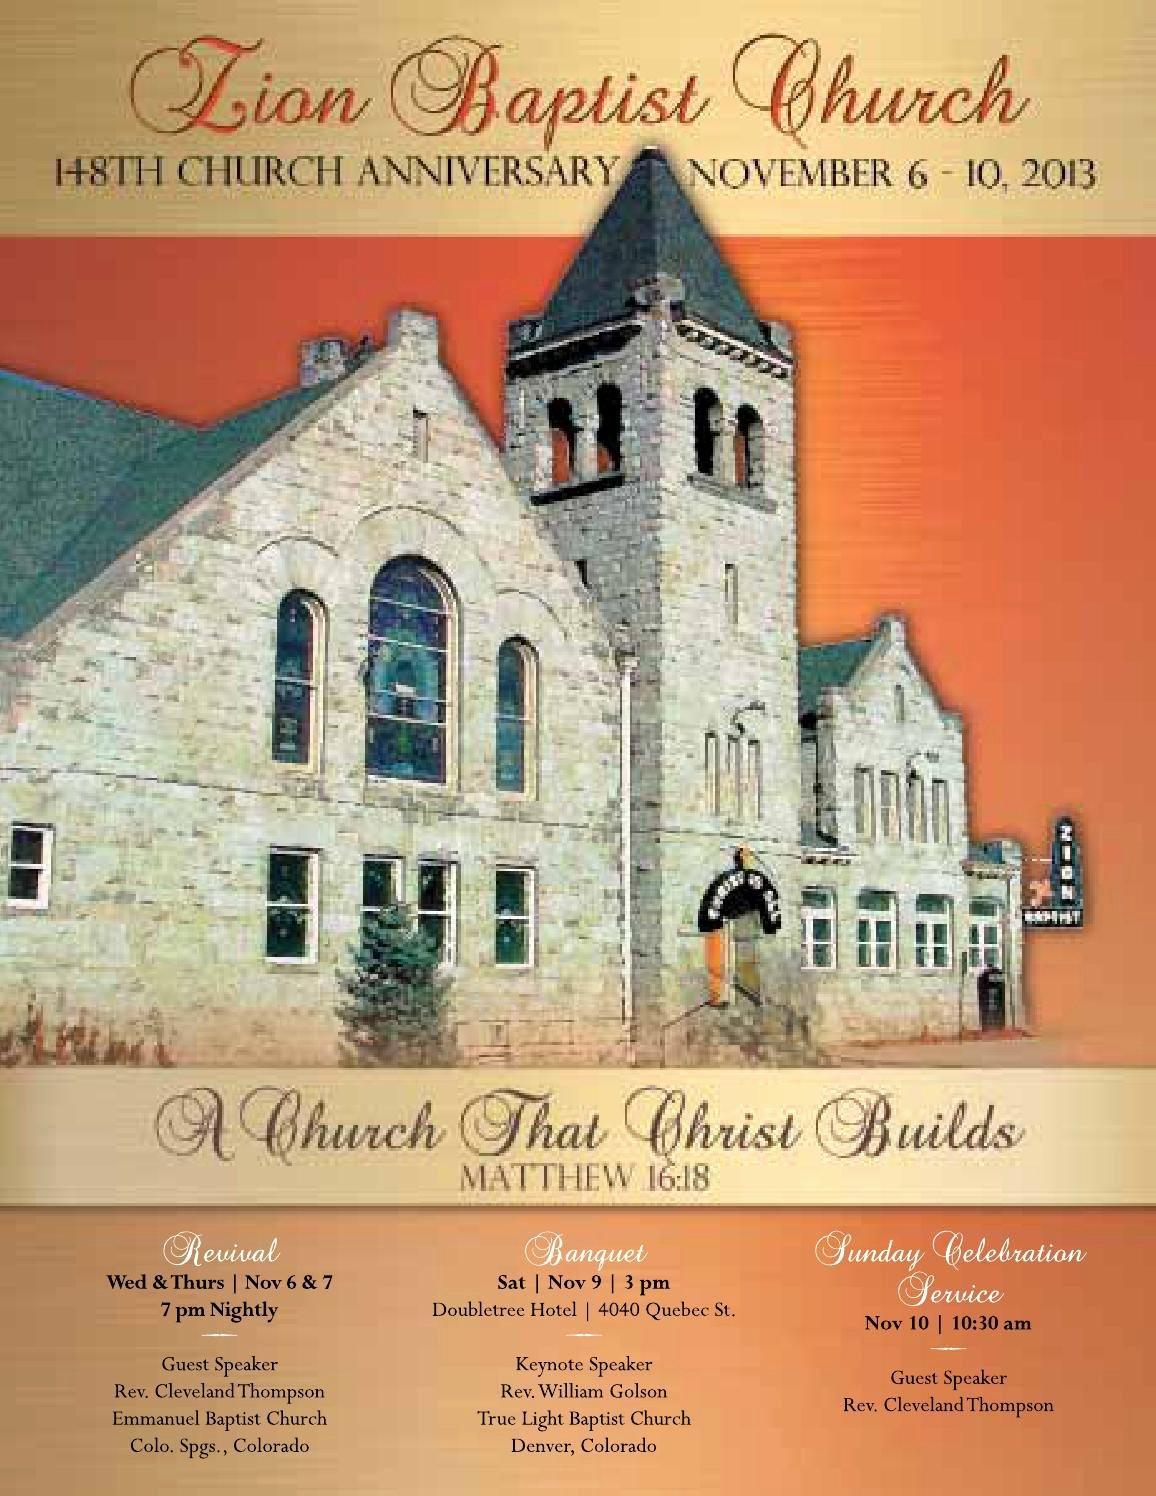 Church Banquet Program New Zion Baptist Church 148th Anniversary souvenir Book by